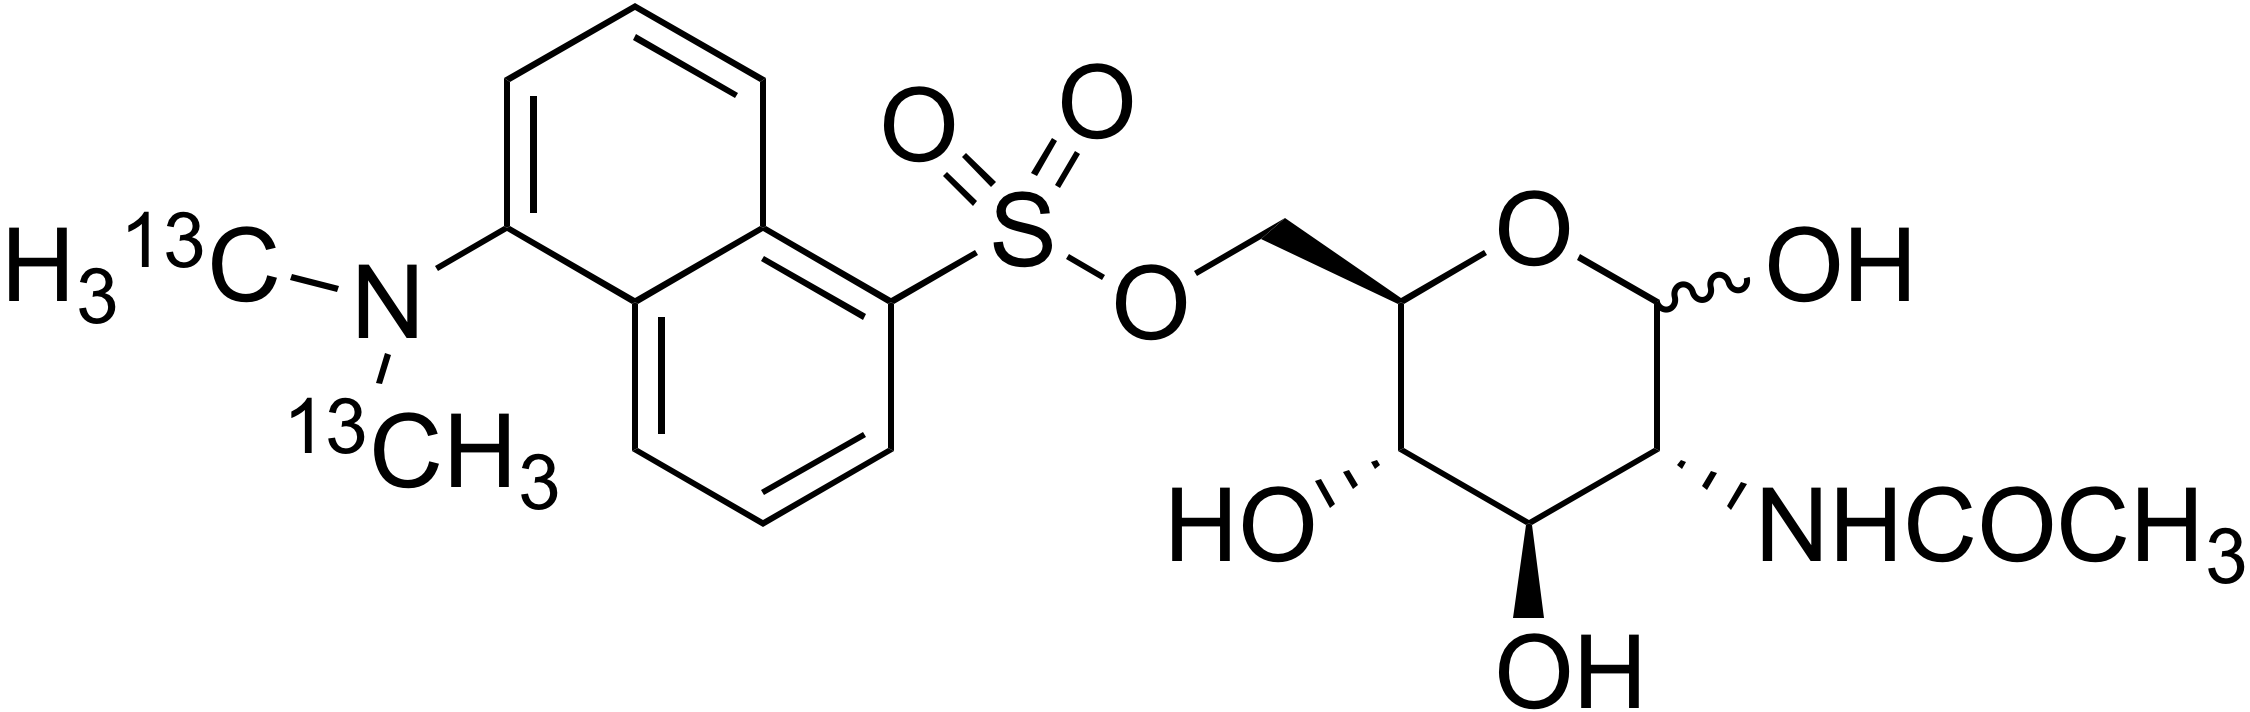 6-O-Dansyl-<sup>13</sup>C<sub>2</sub>-N-acetylglucosamine